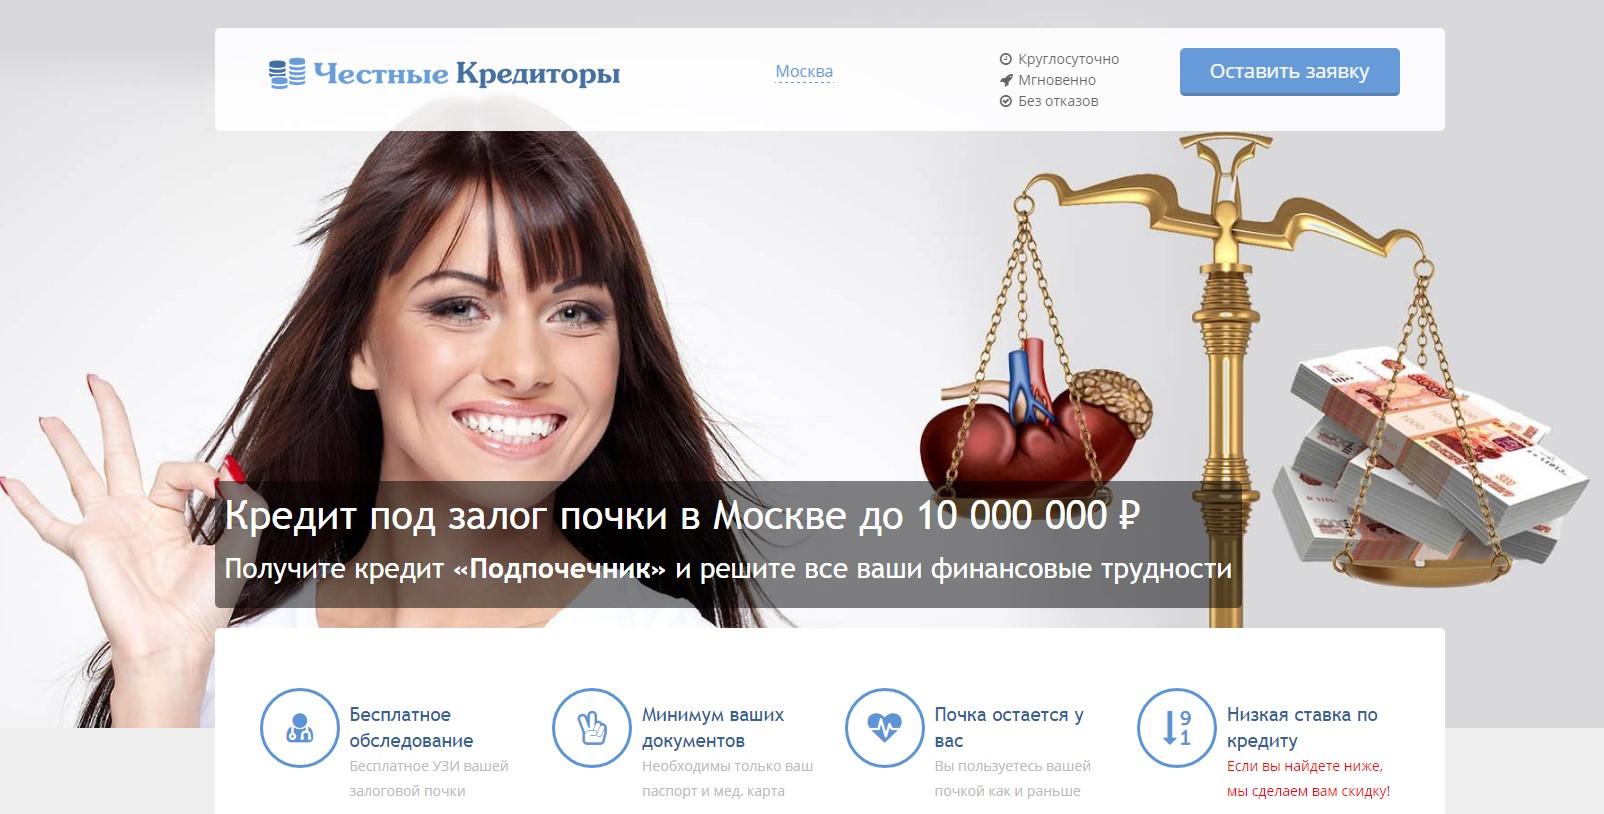 Кредит под залог онлайн на карту банк с быстрым решением по кредиту